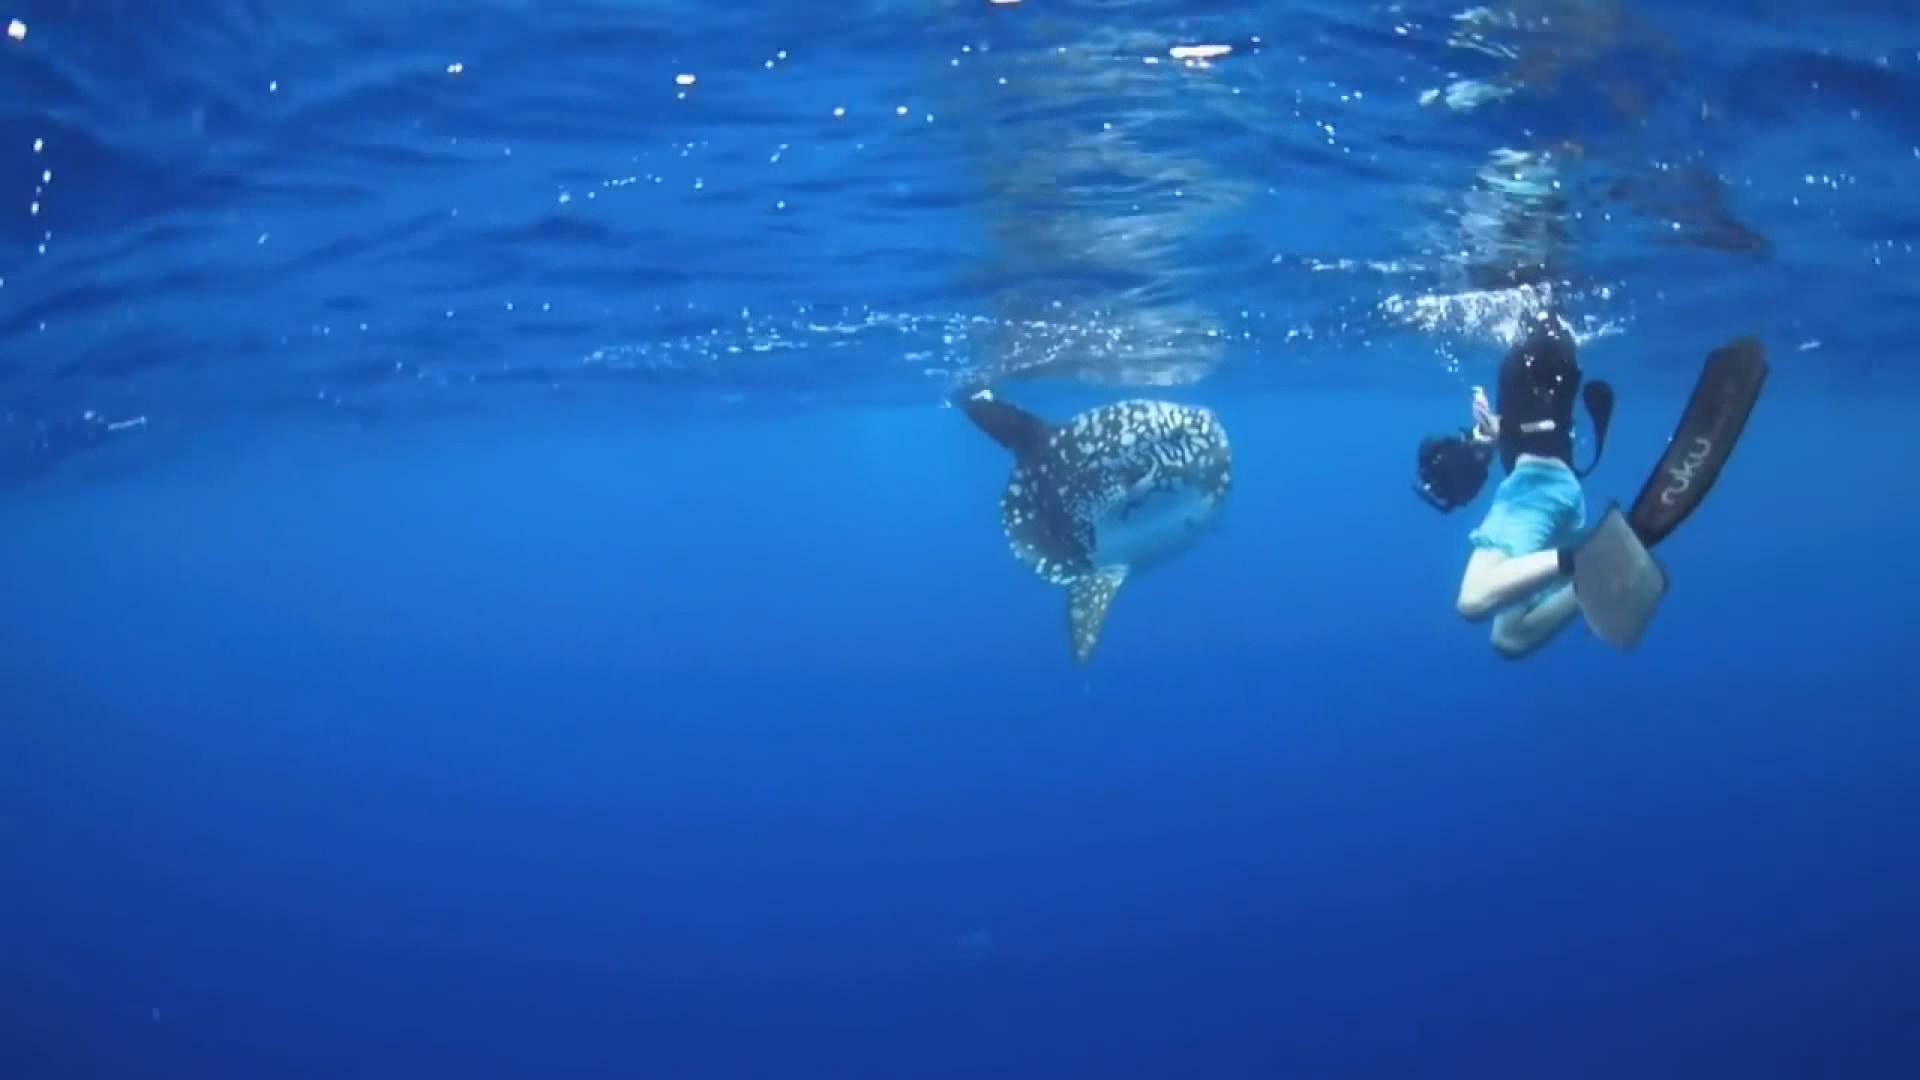 发现只美丽大海鱼共游 竟然被远处逆戟鲸吃掉